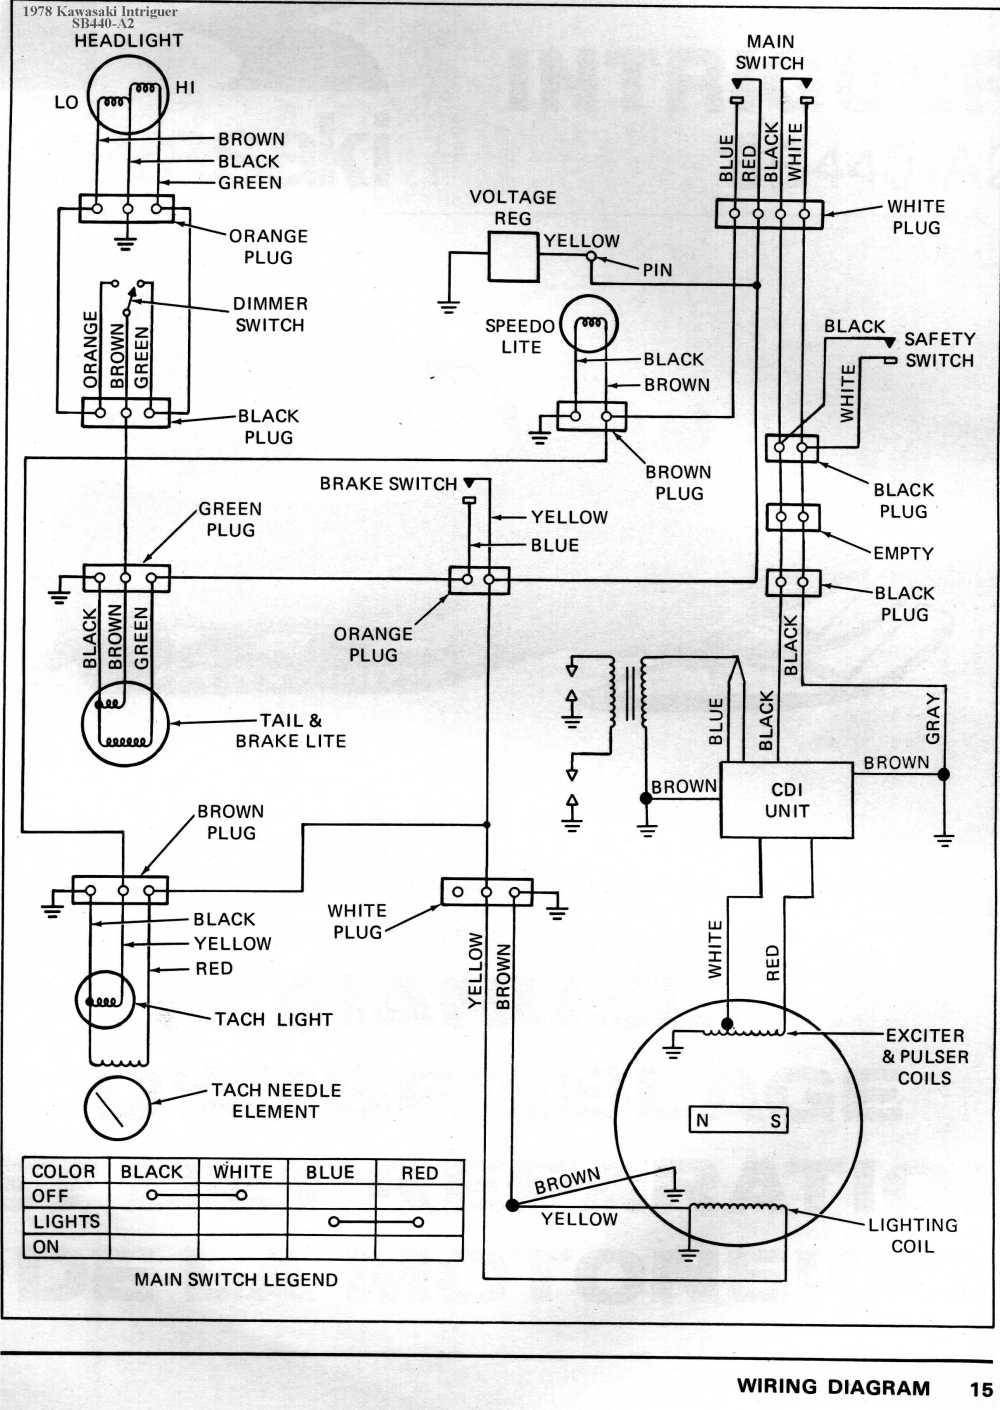 medium resolution of kawasaki 250 klt wiring diagram get free image about kawasaki bayou 250 wiring diagram kawasaki bayou 300 wiring diagram